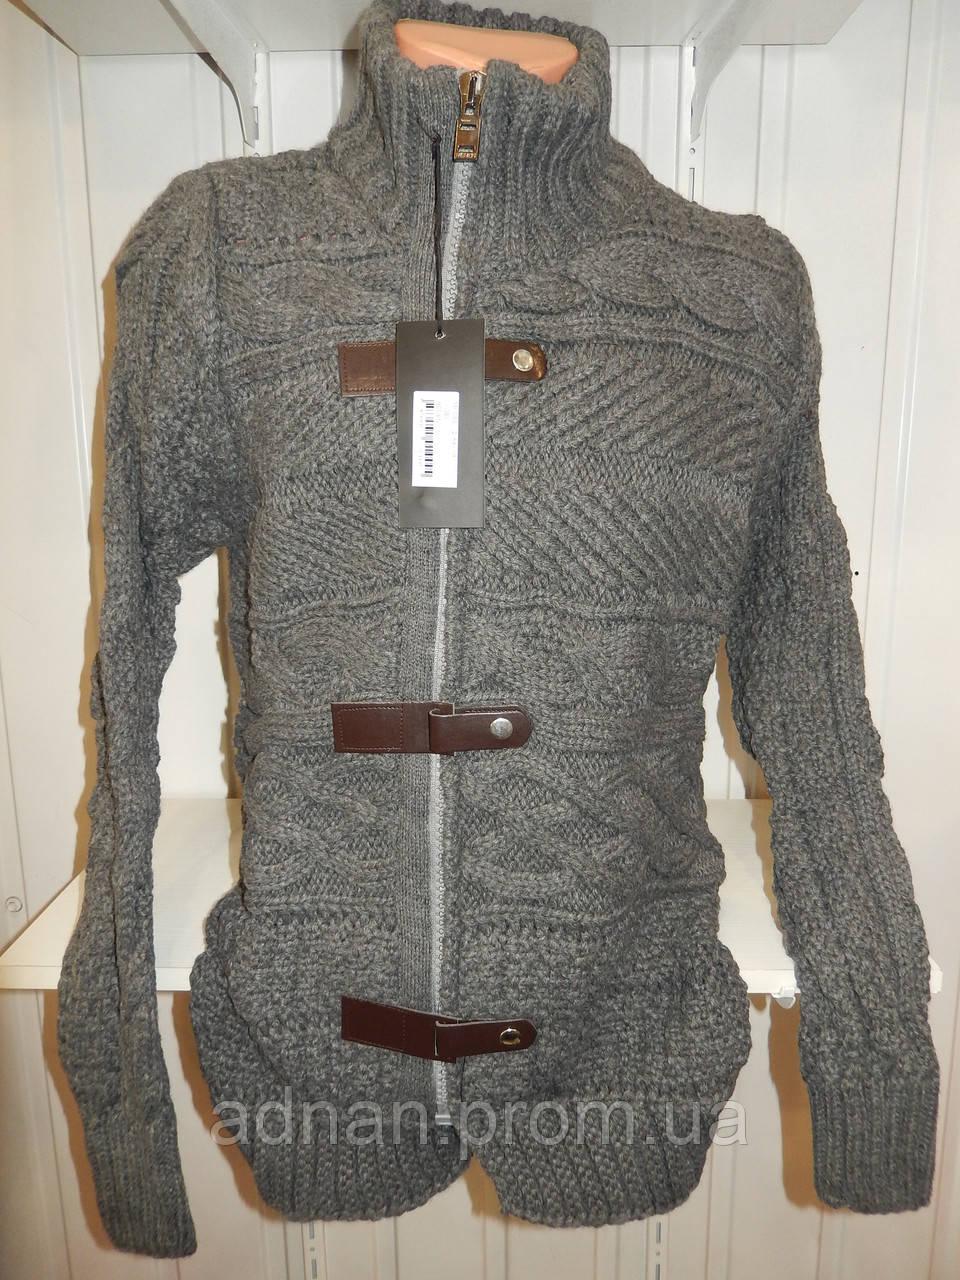 Кофта зимняя Lee'Ecossе змейка + заклепки 002/ купить оптом свитер зимний